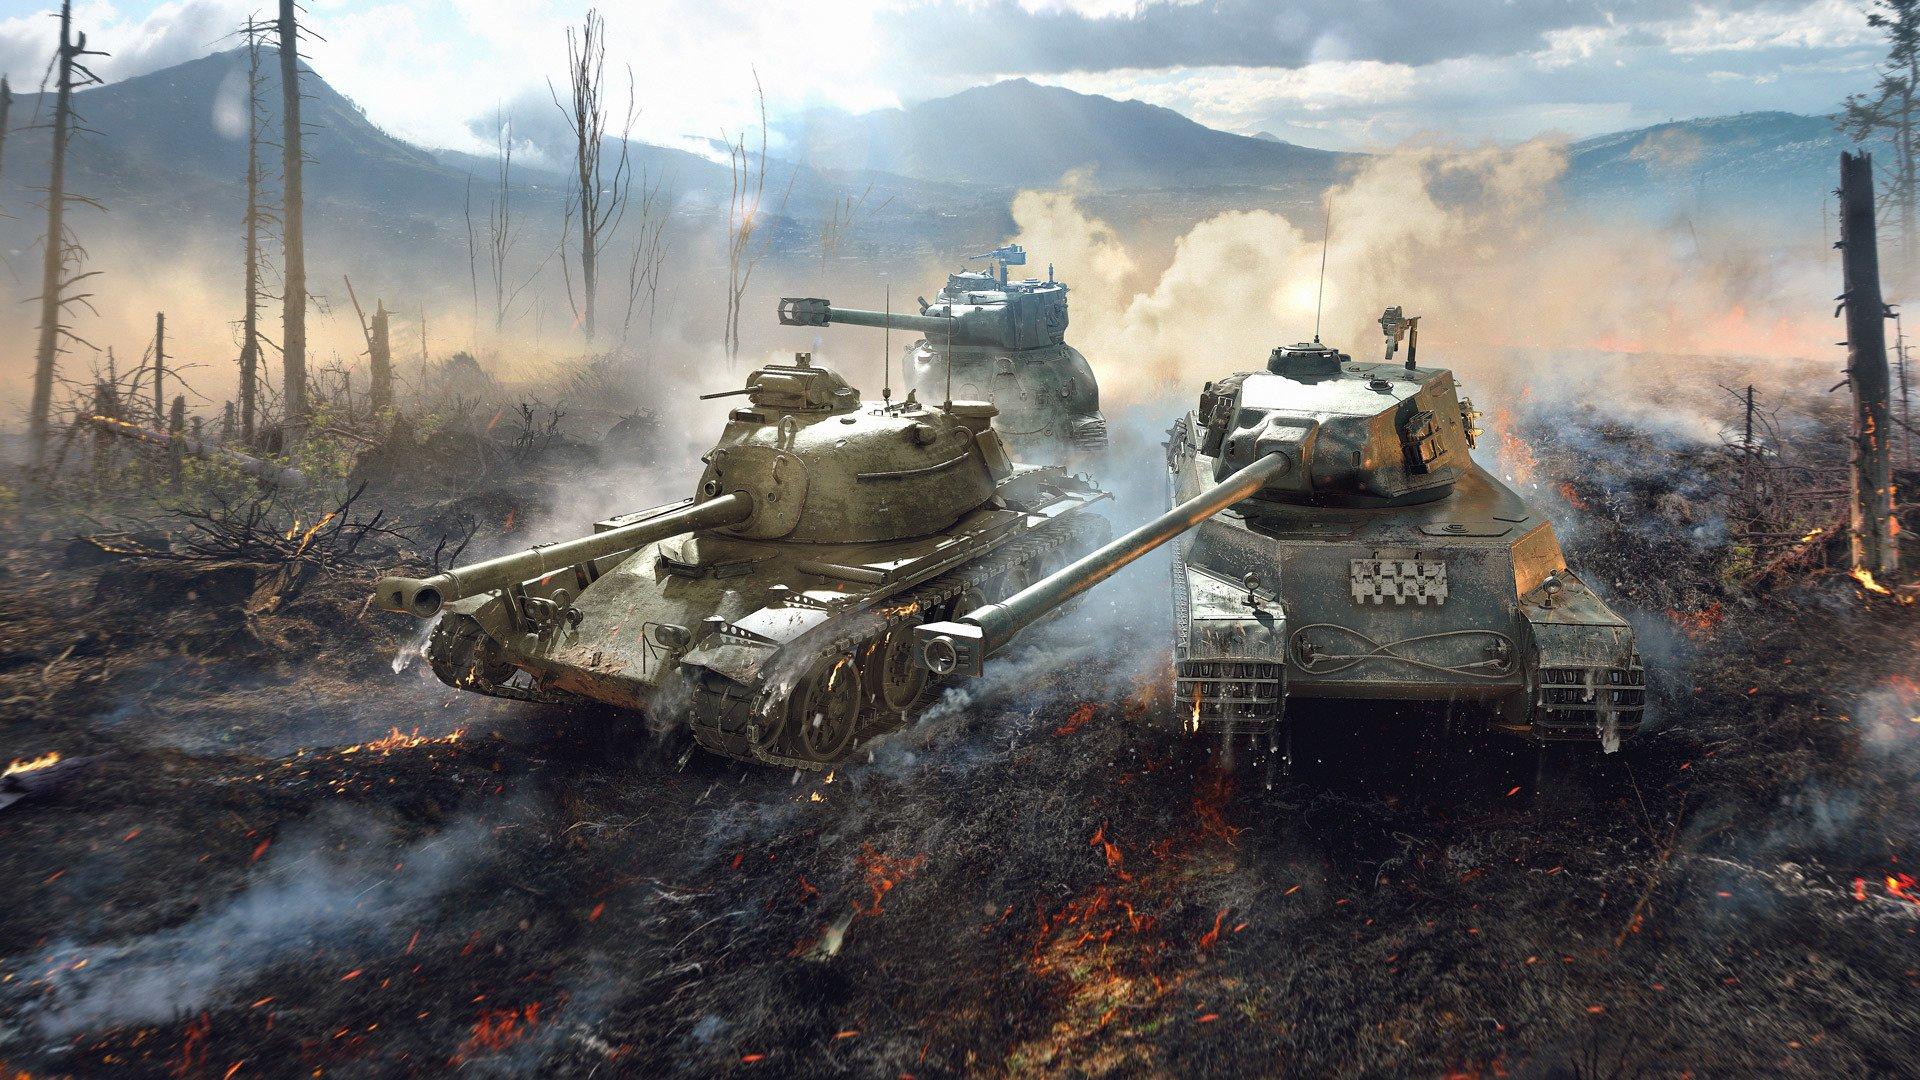 Ворлд оф танк картинки 1280 на 720